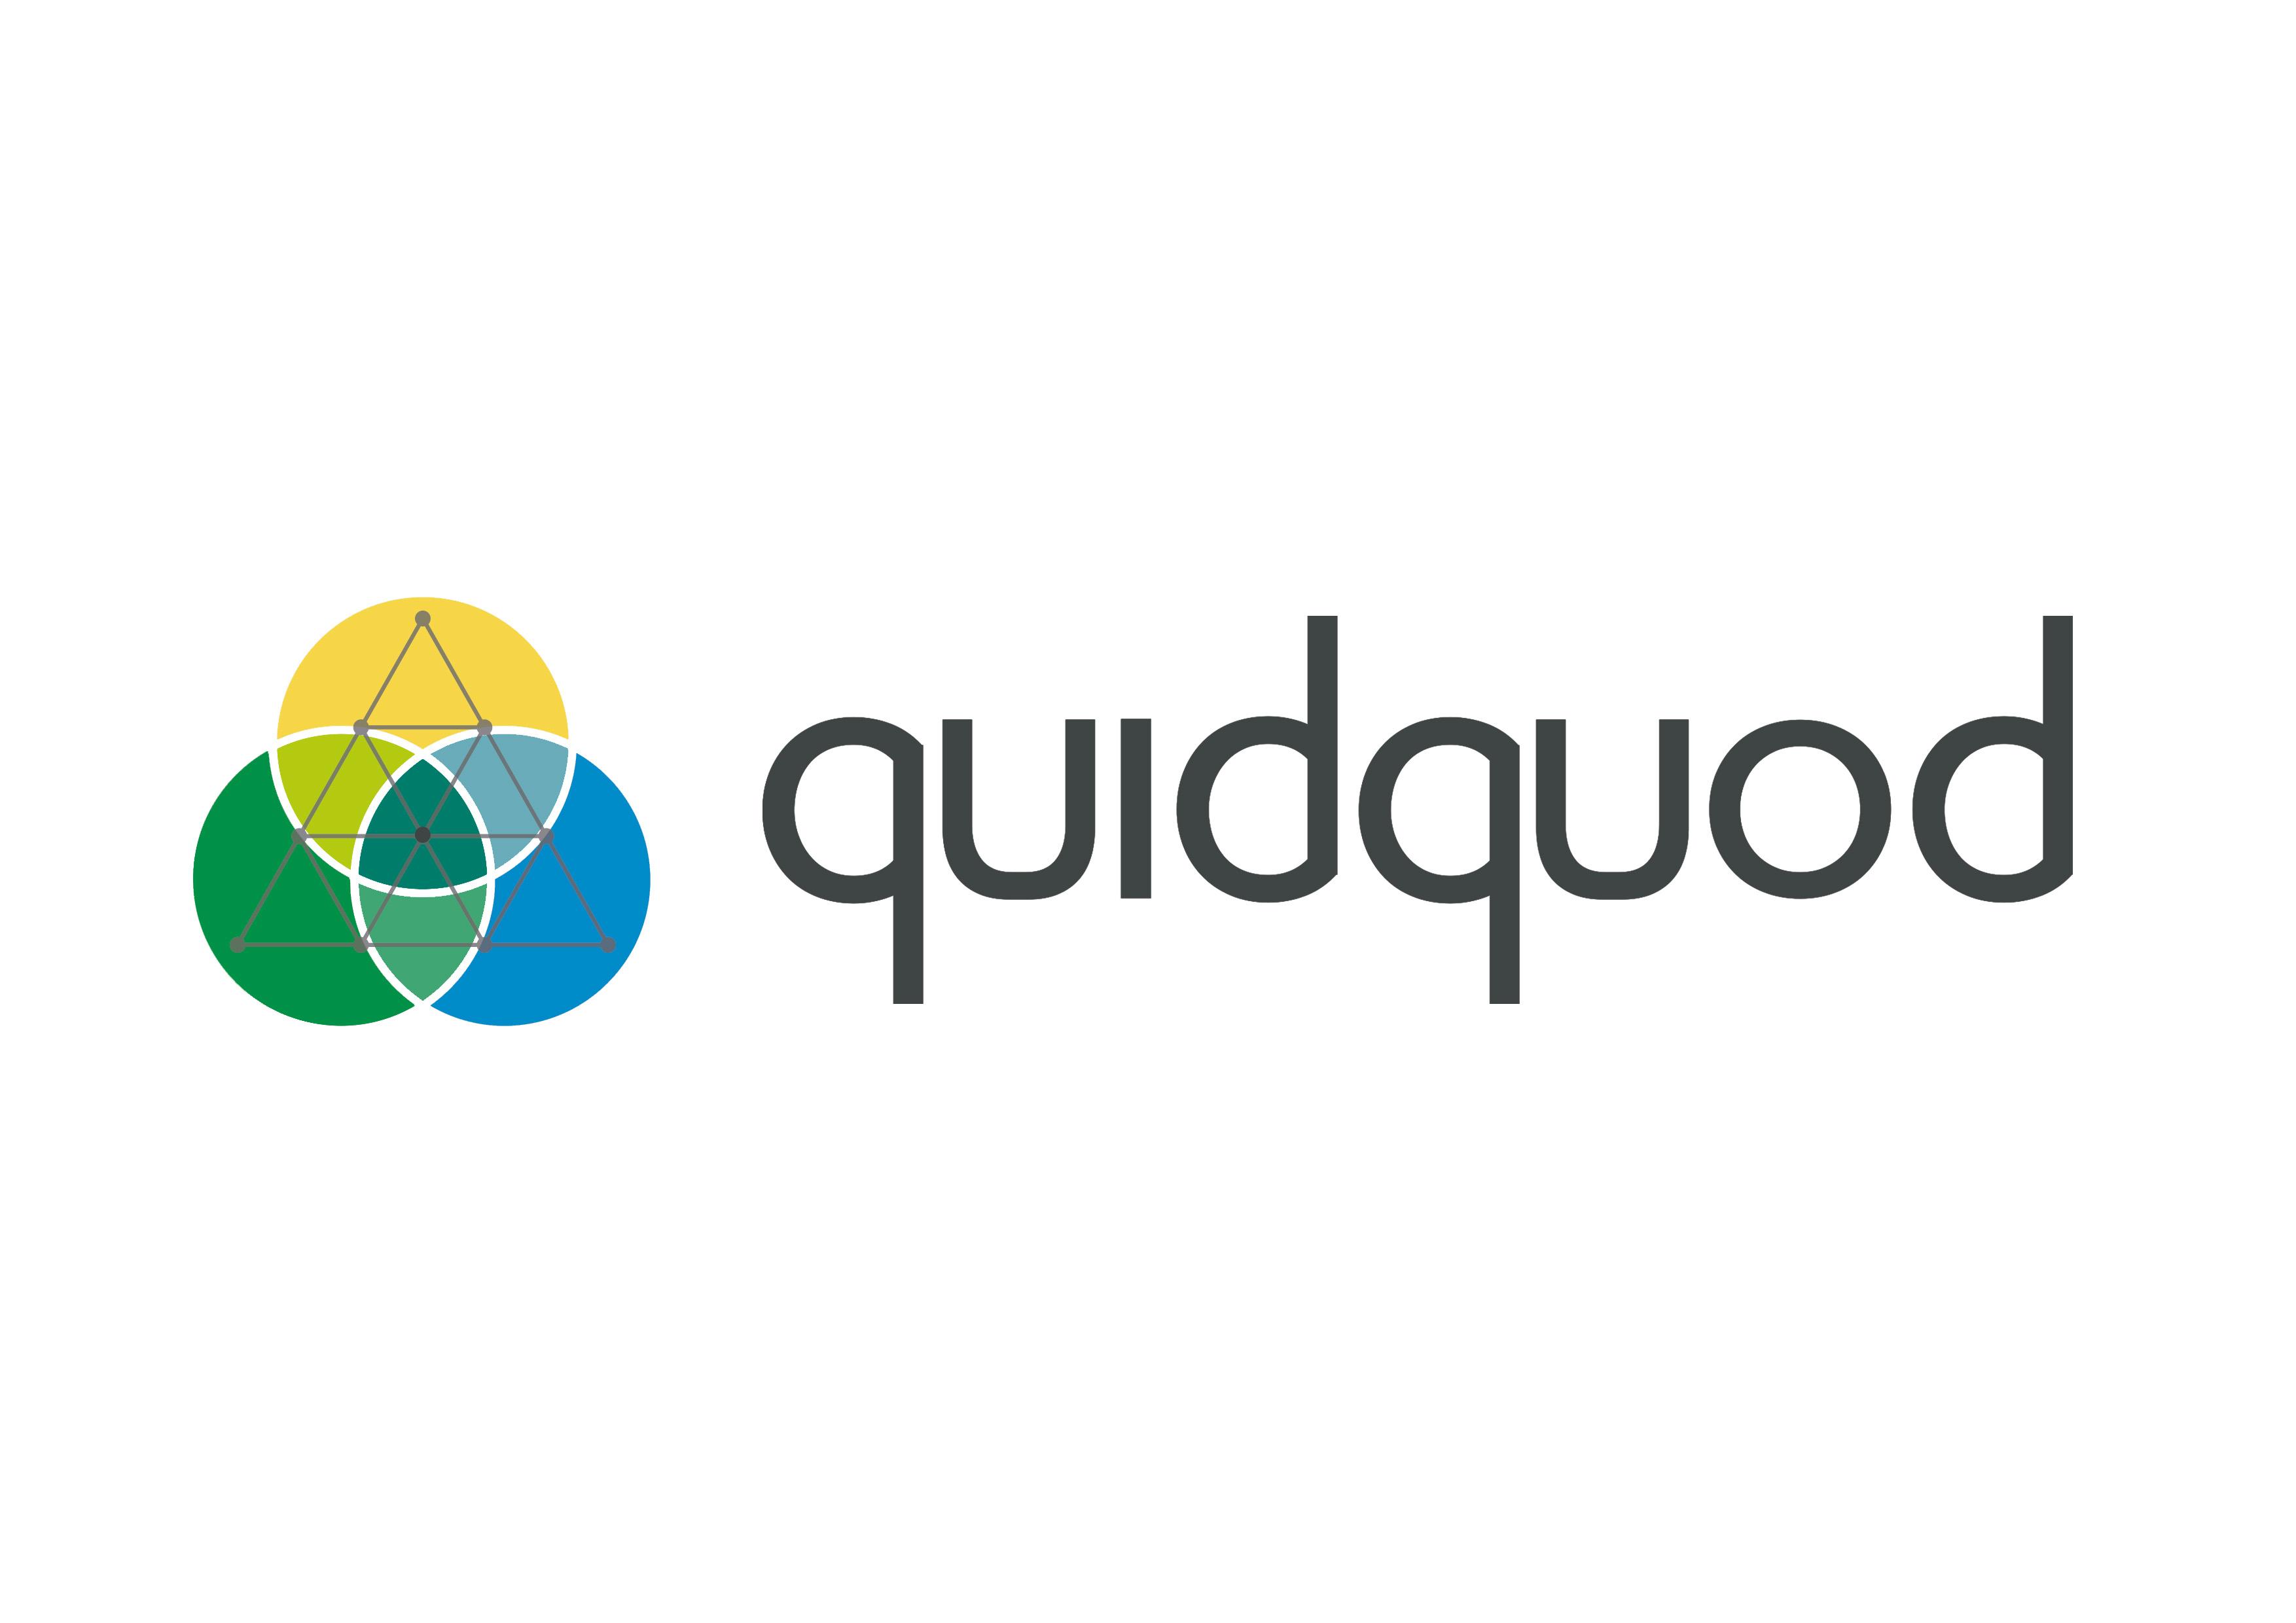 quidquod